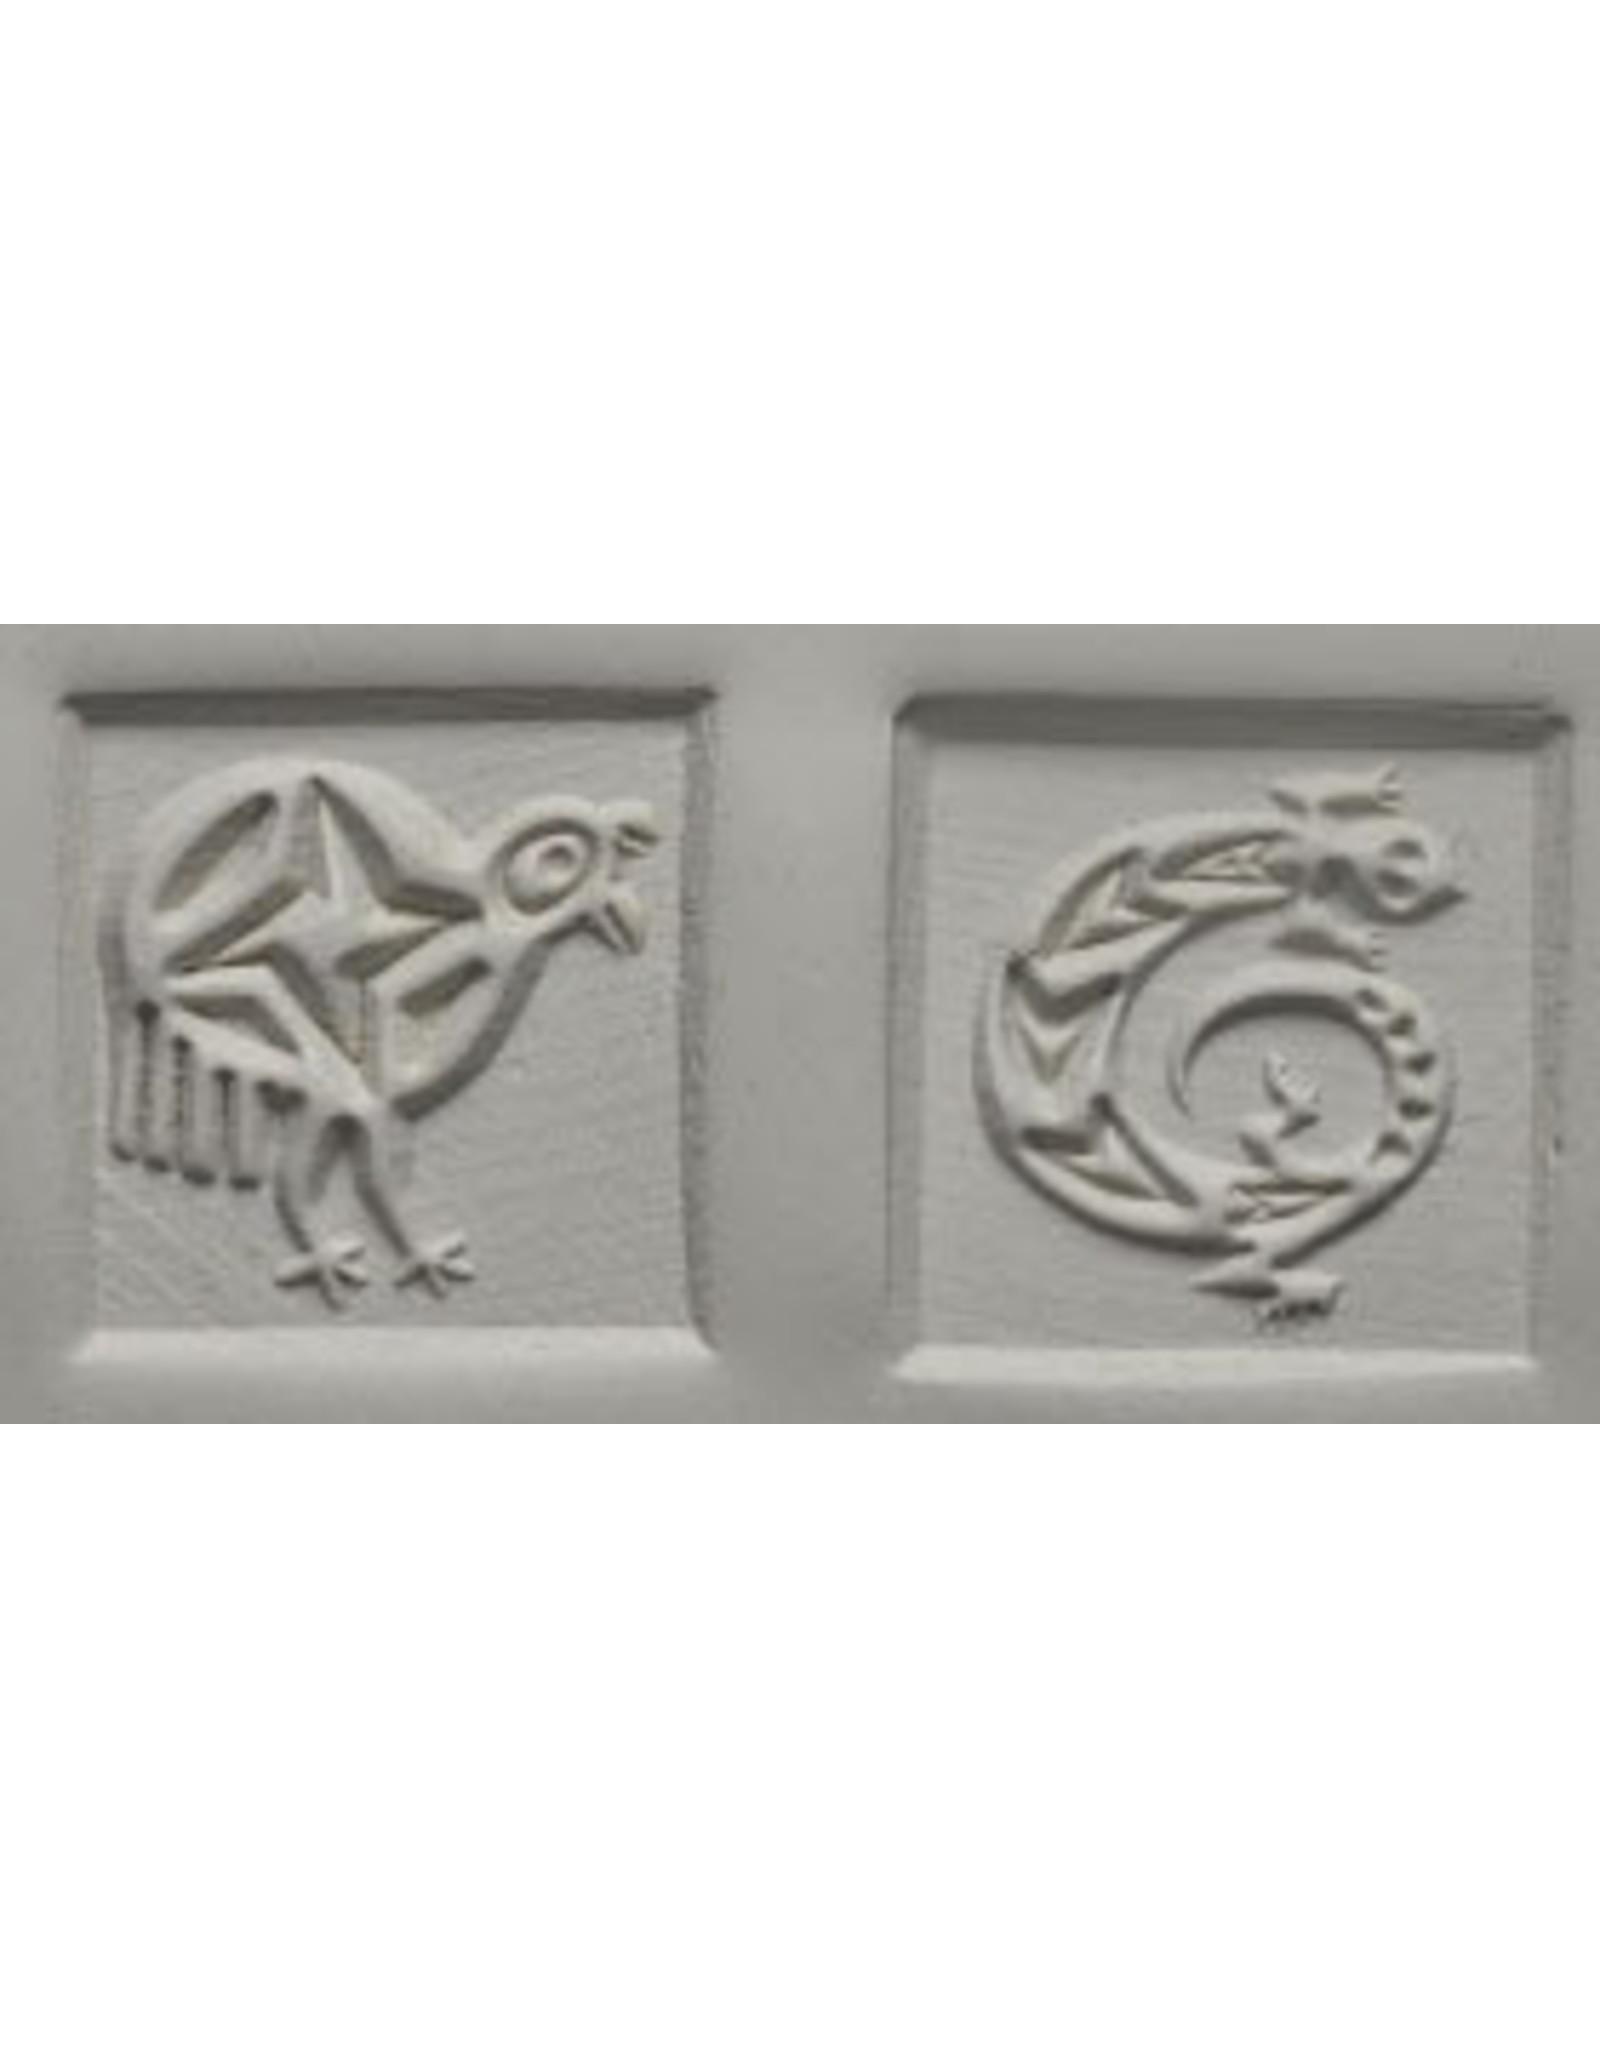 Lizard and Flightless Bird Stamp